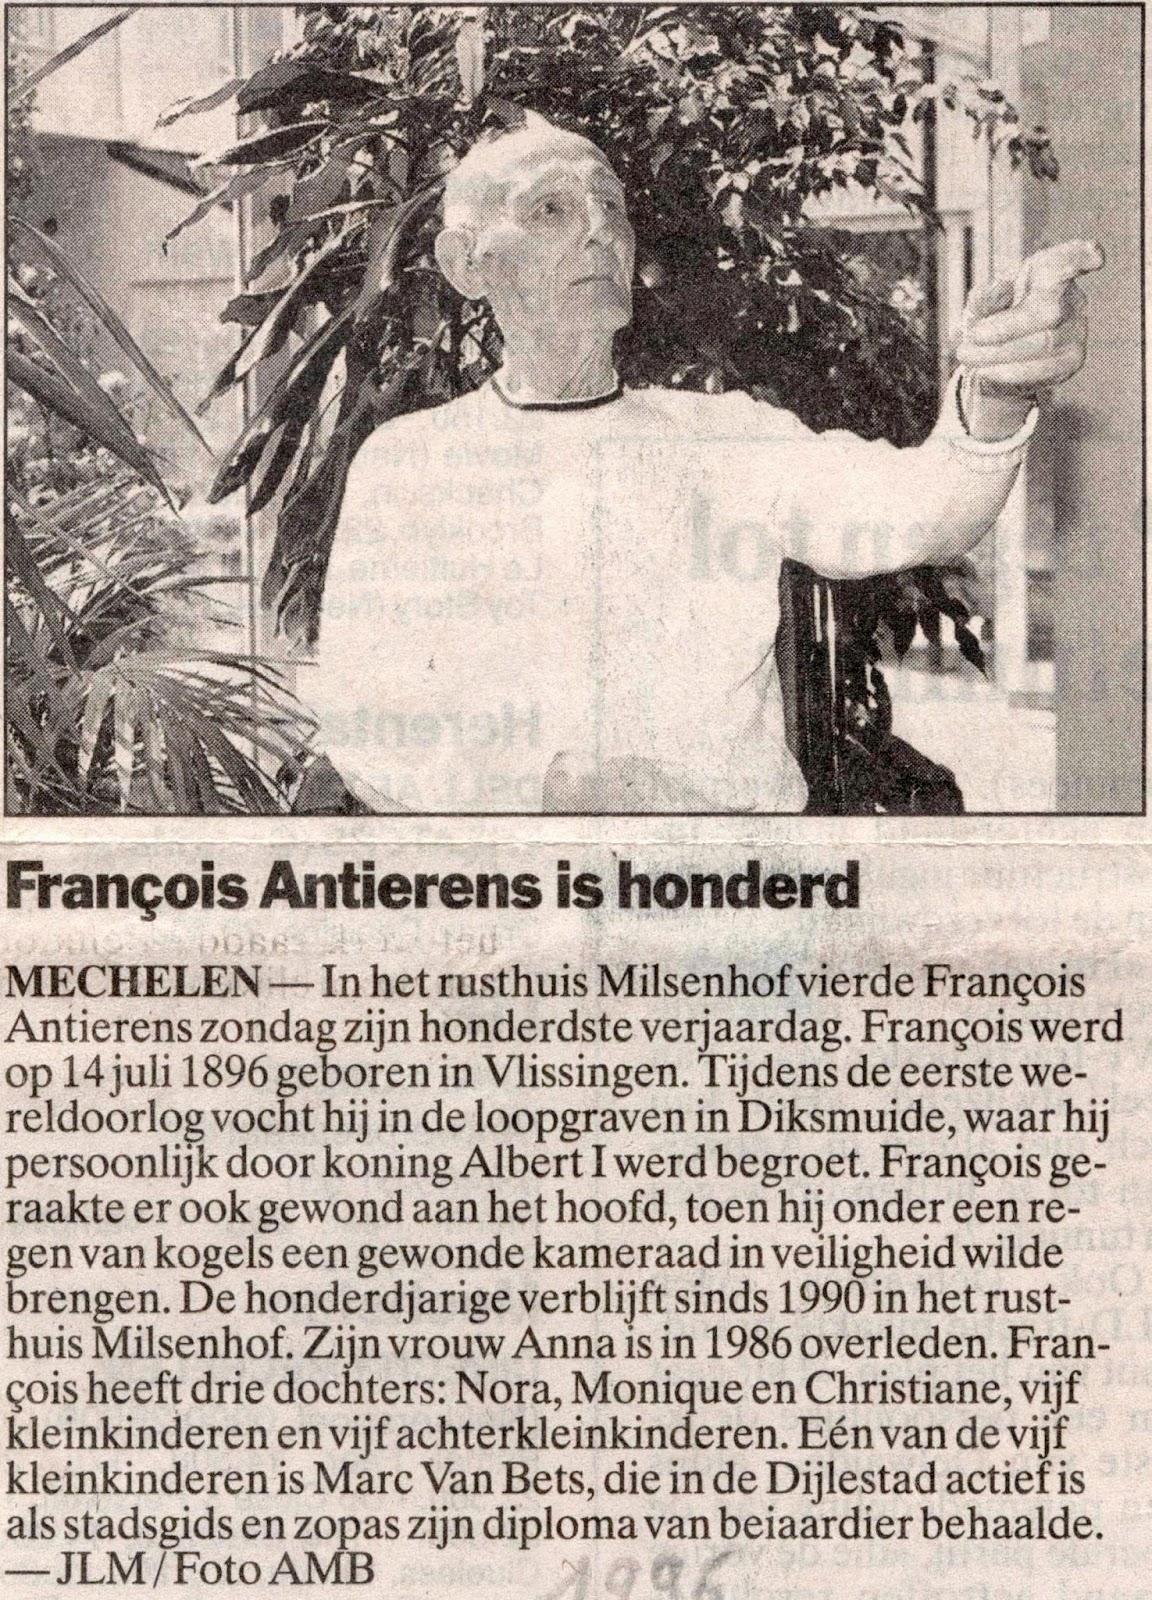 François Anthierens gevierd als eeuweling. Krant van juli 1996.